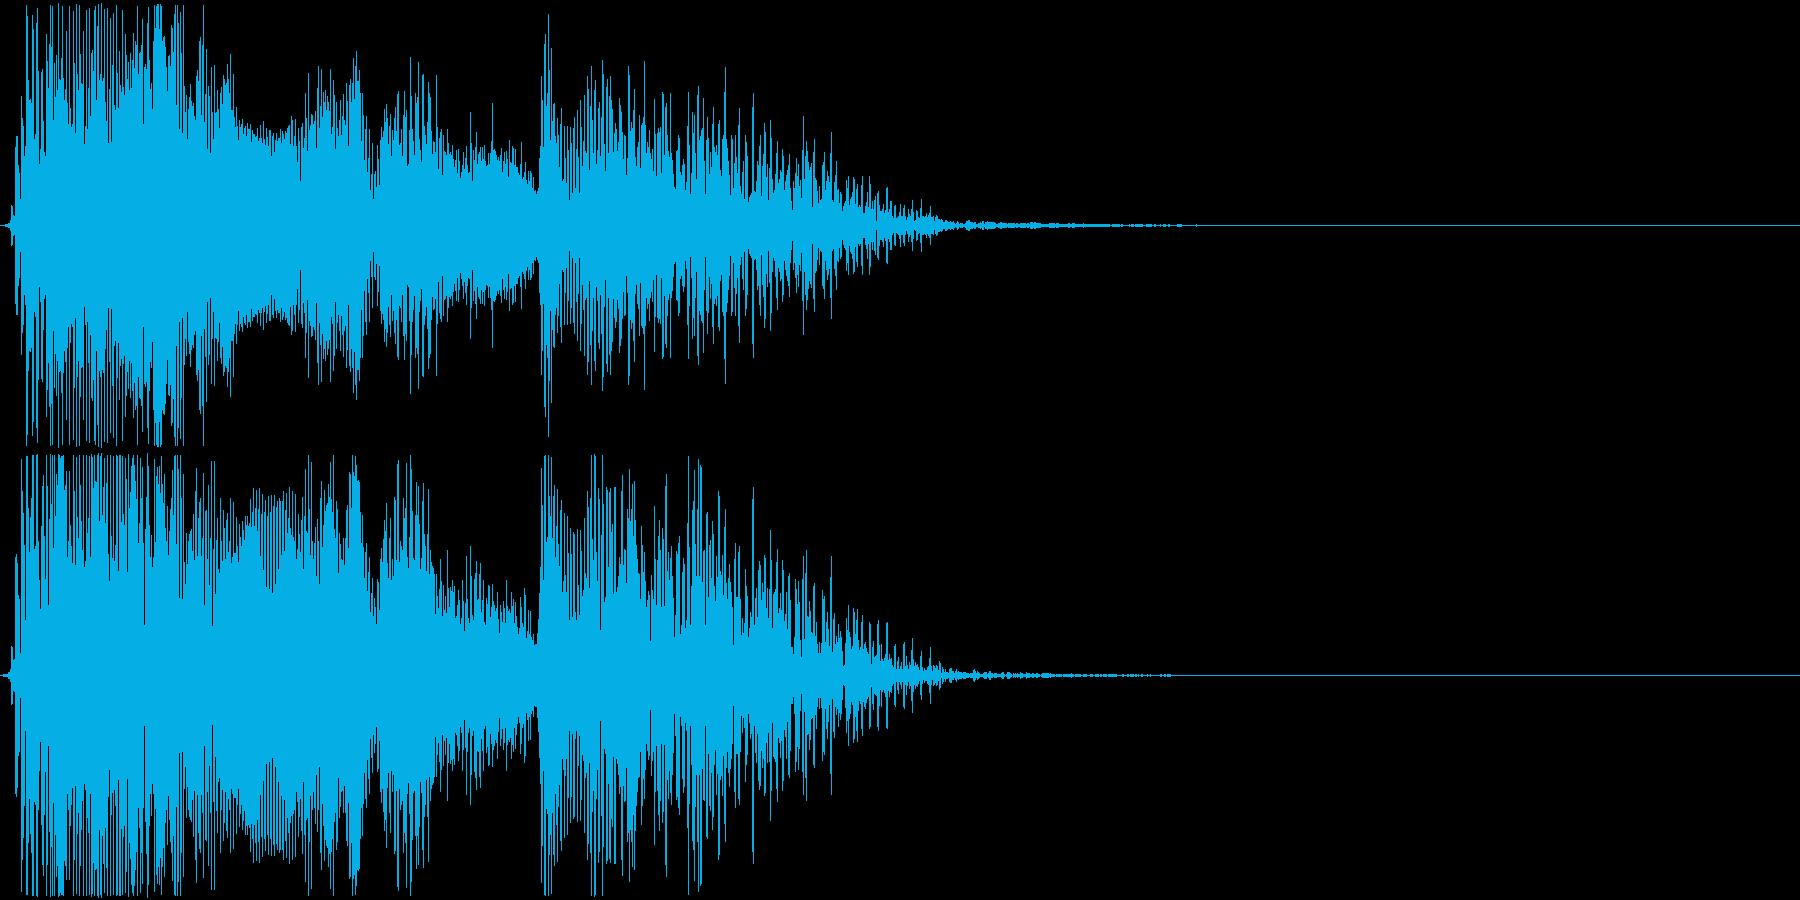 格闘ゲーム用「ラウンド4」の再生済みの波形